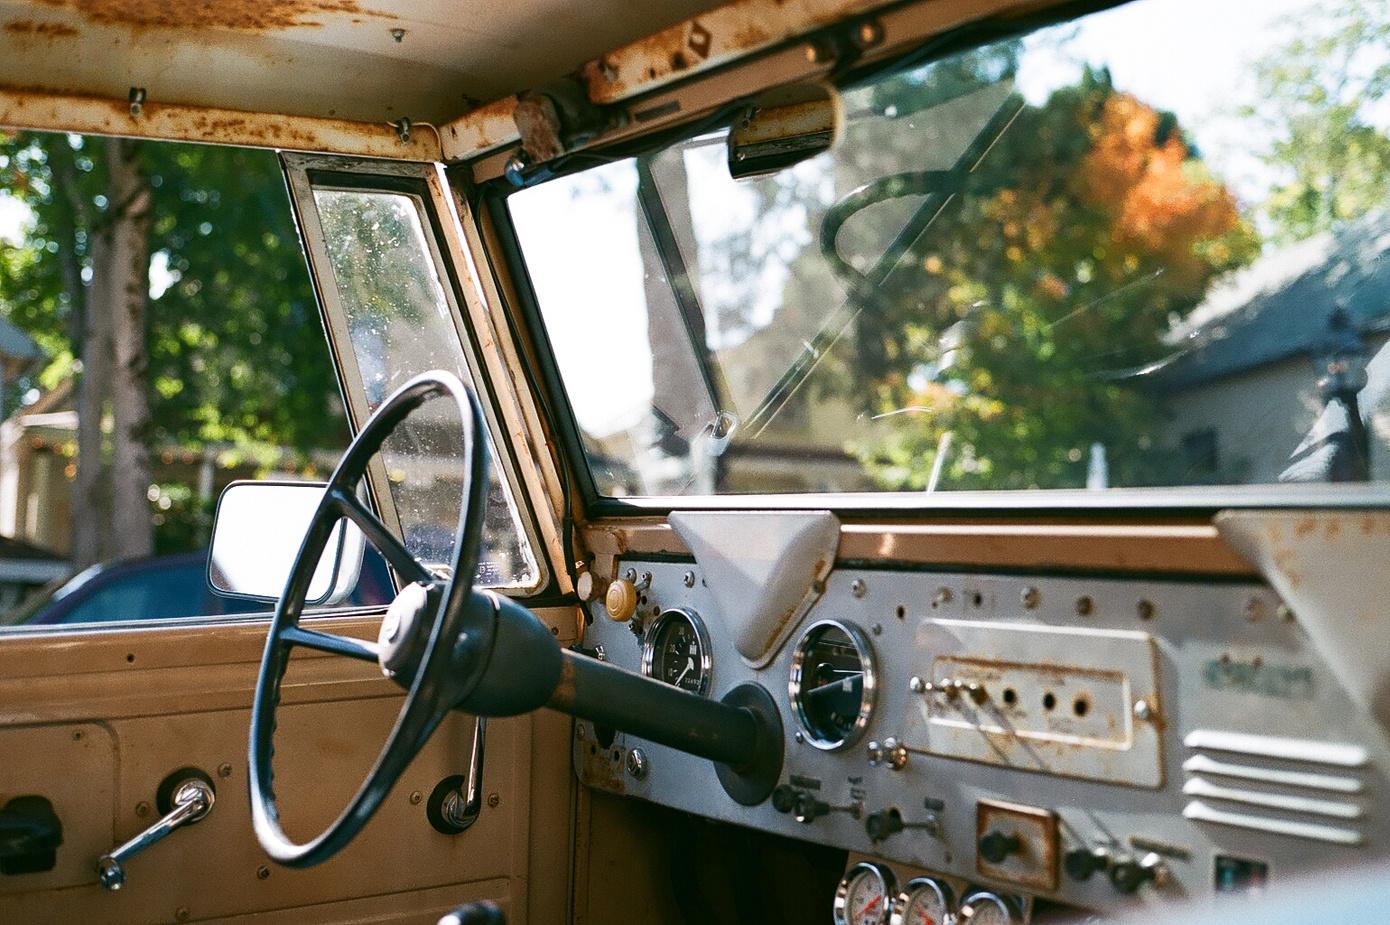 simon_weller_california_truckinterior